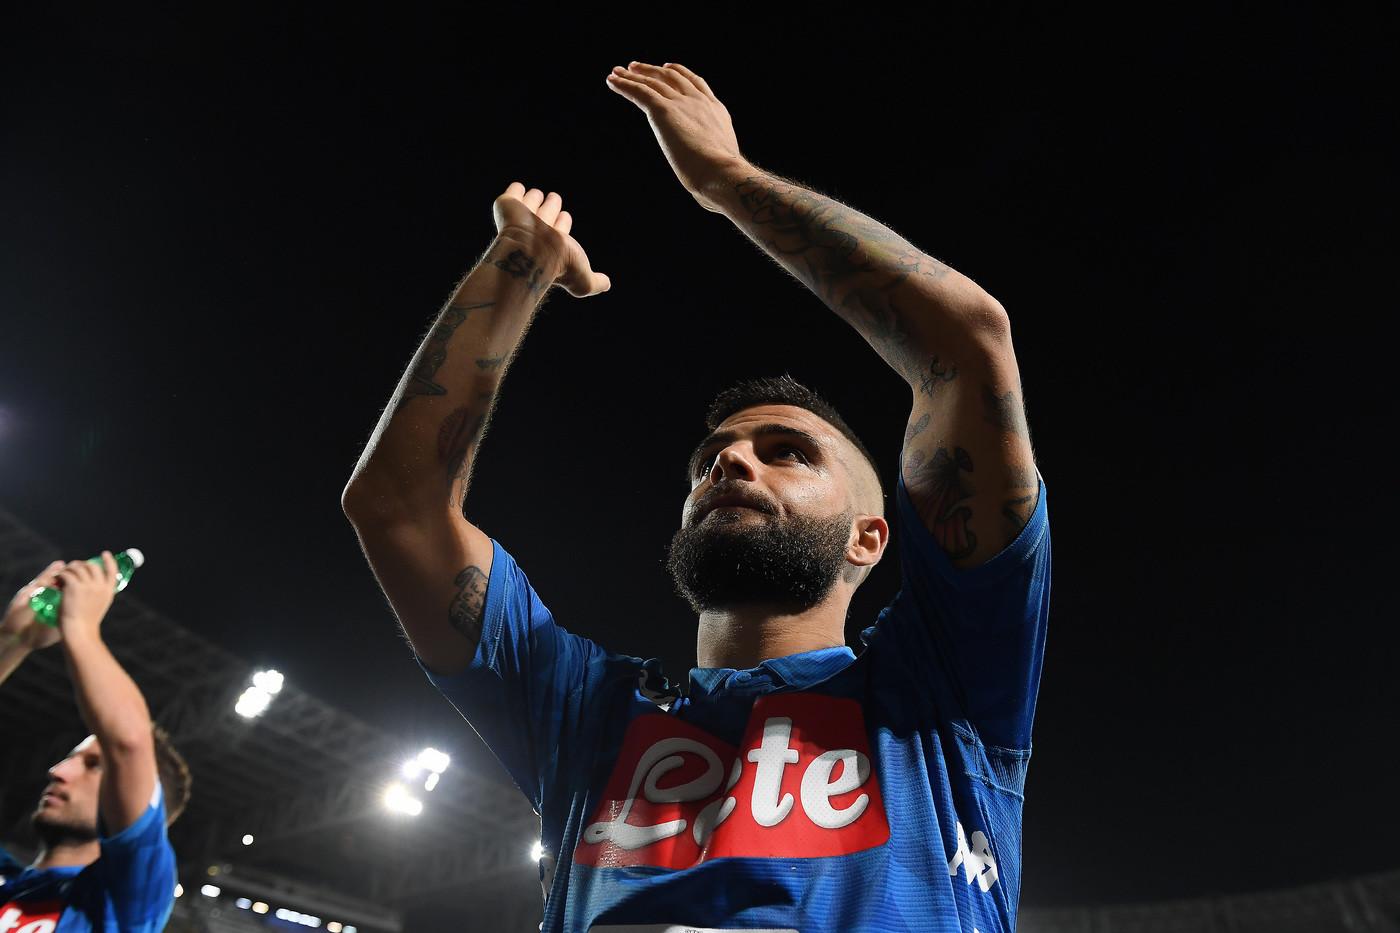 Le pagelle di Napoli-Fiorentina 1-0: Insigne freddo, Simeone flop